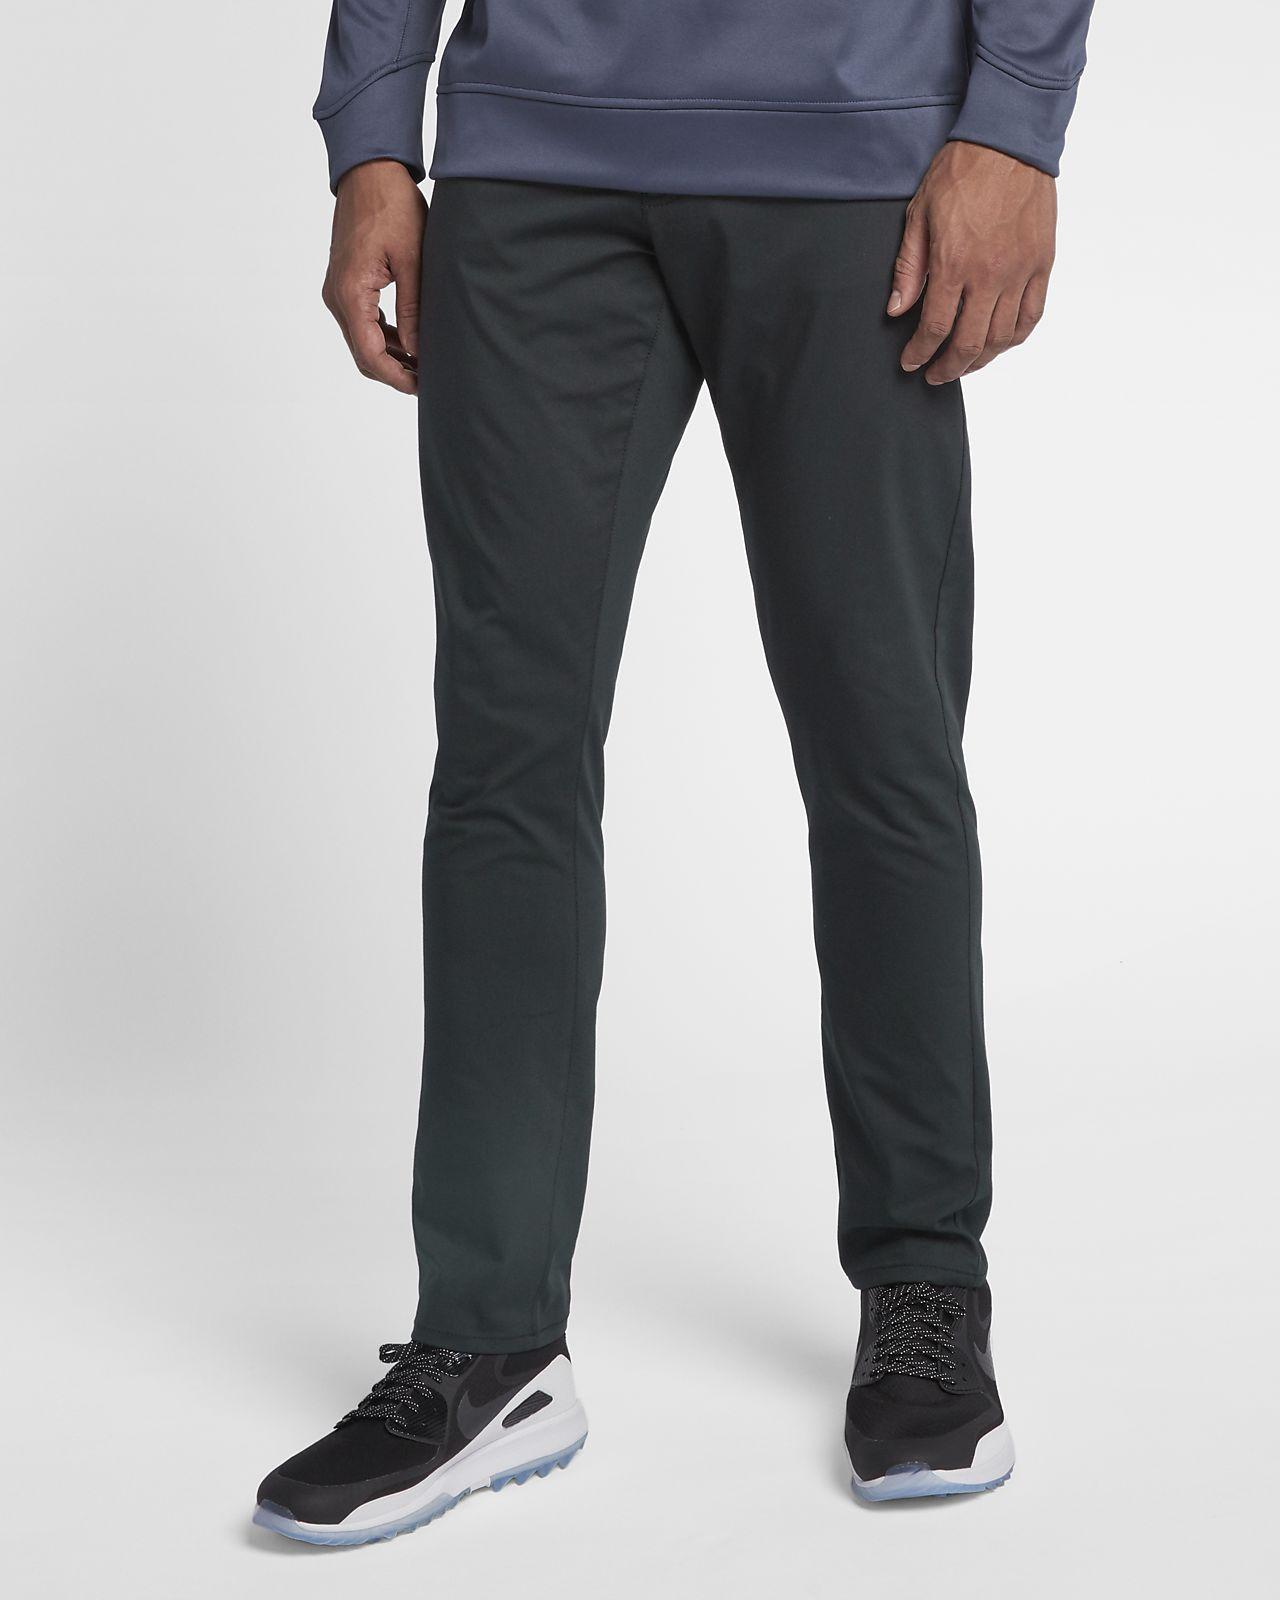 Calças de golfe de ajuste estreito com bolso Nike Flex 5 para homem